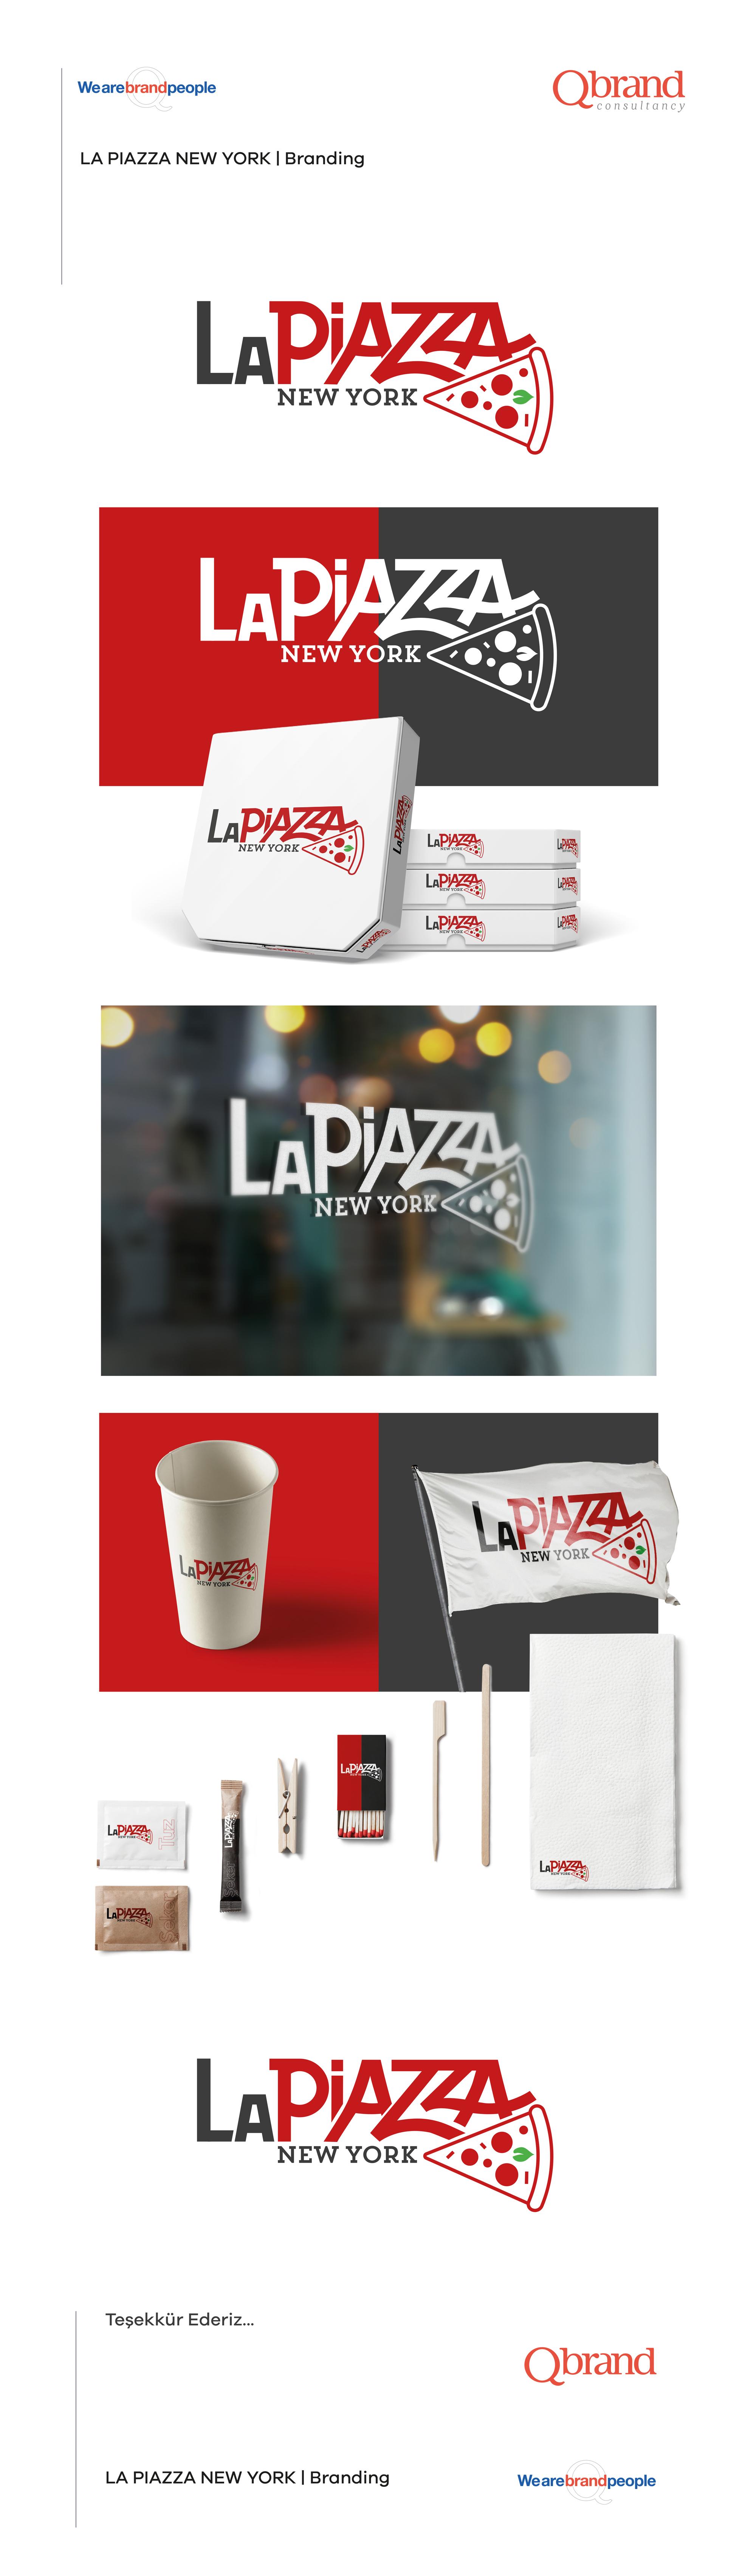 Ankara kurumsal kimlik tasarımı  Lapiazza